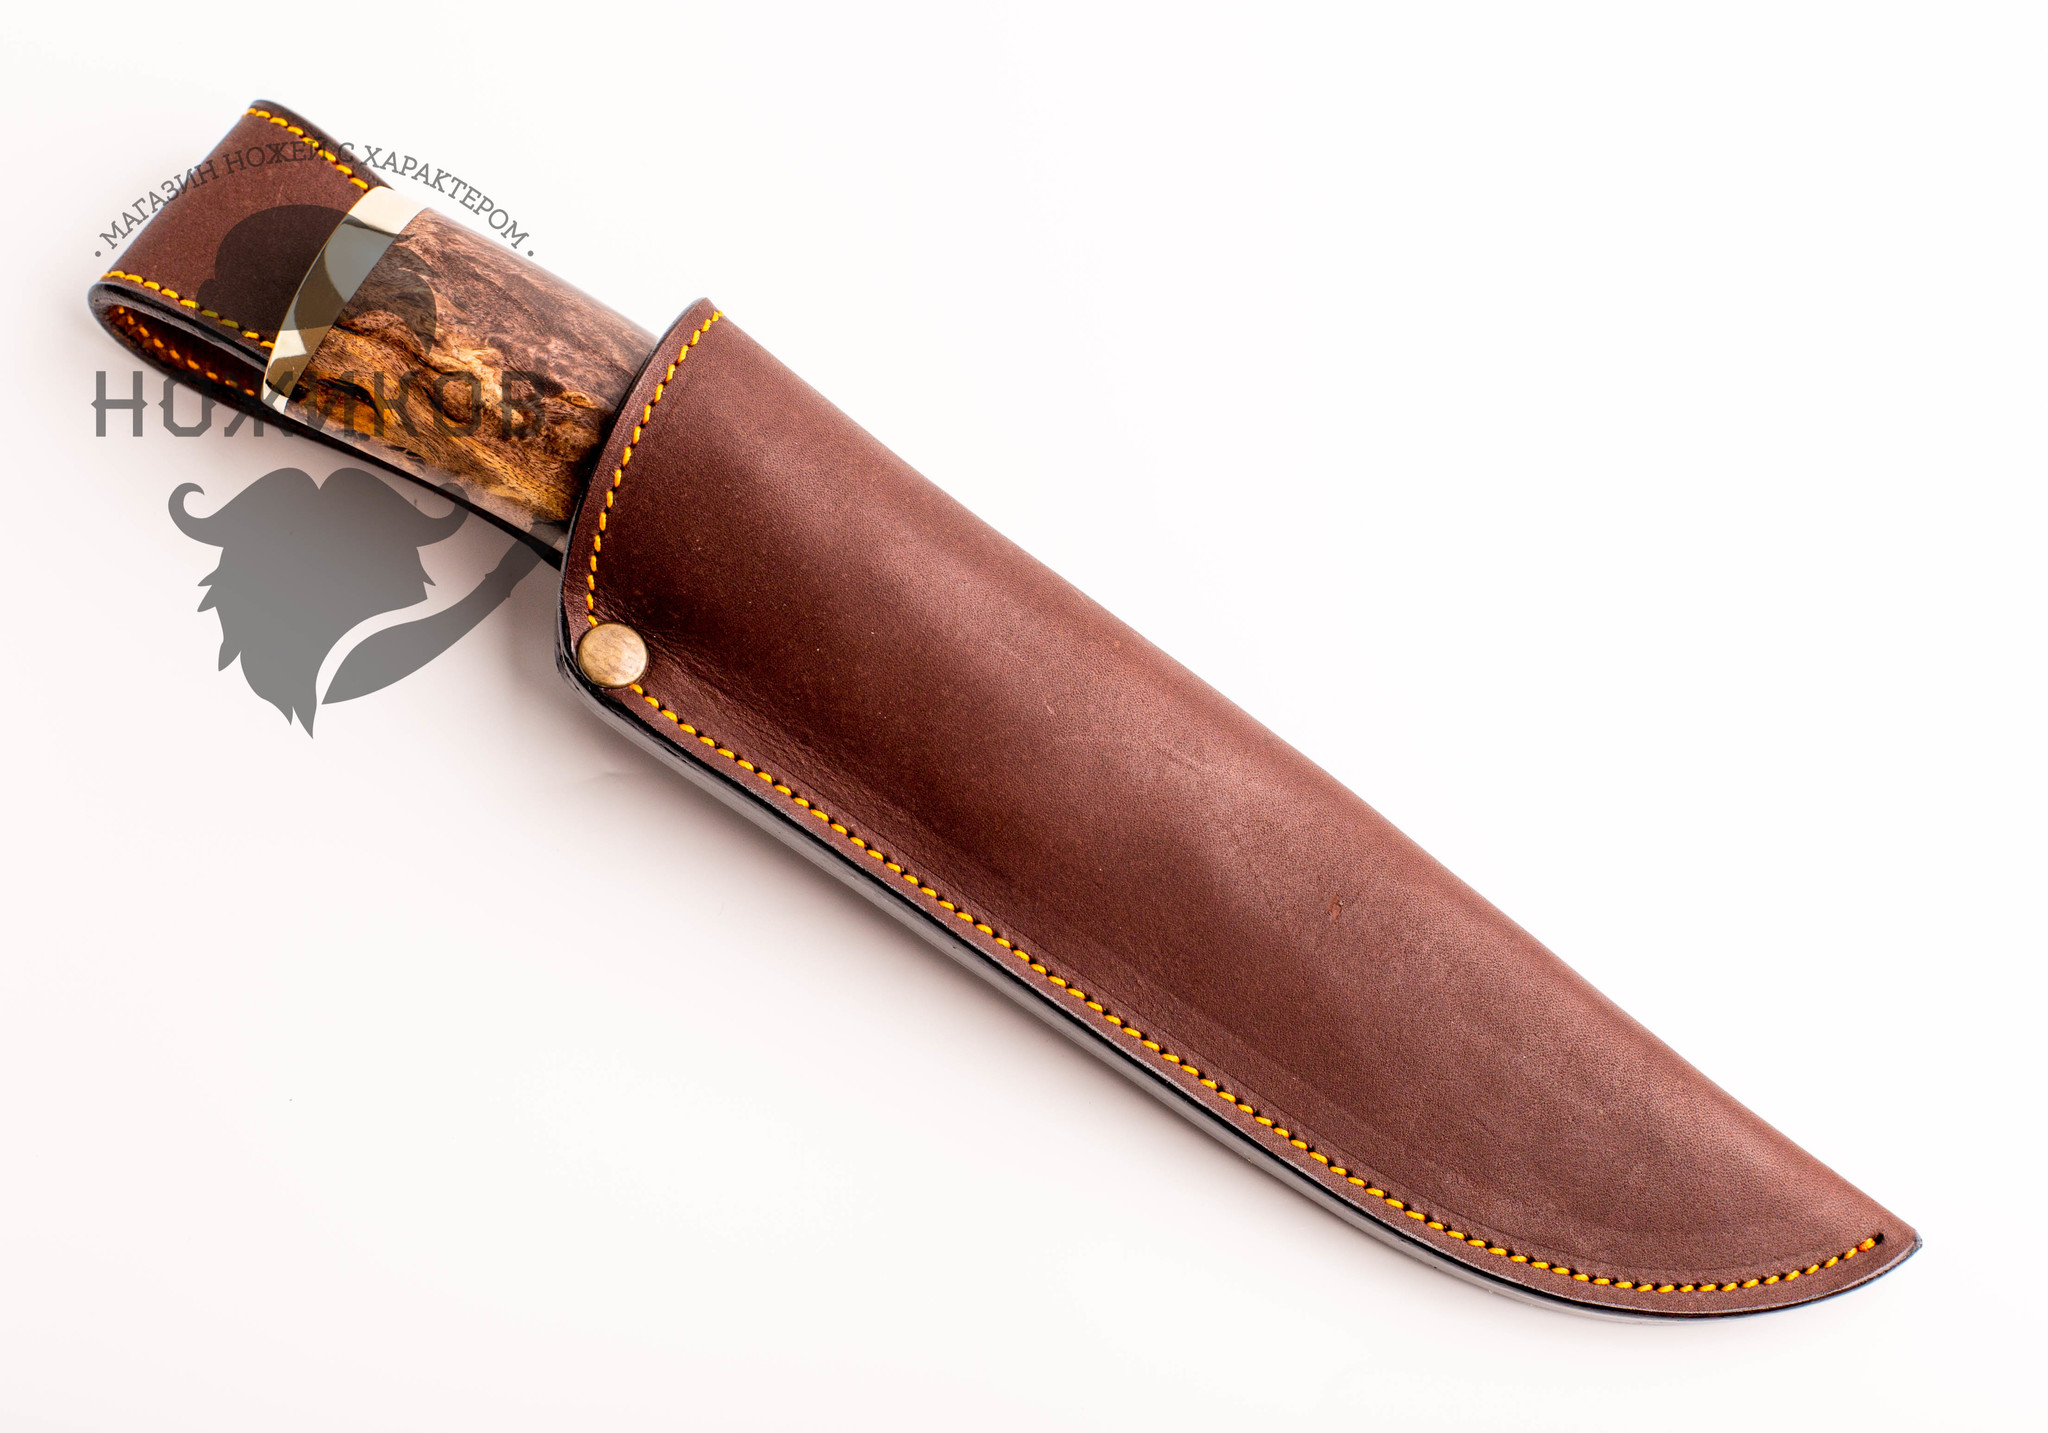 Фото 7 - Нож Охотник, сталь M390, рукоять карельская береза, мельхиор от Мастерская Ульданова